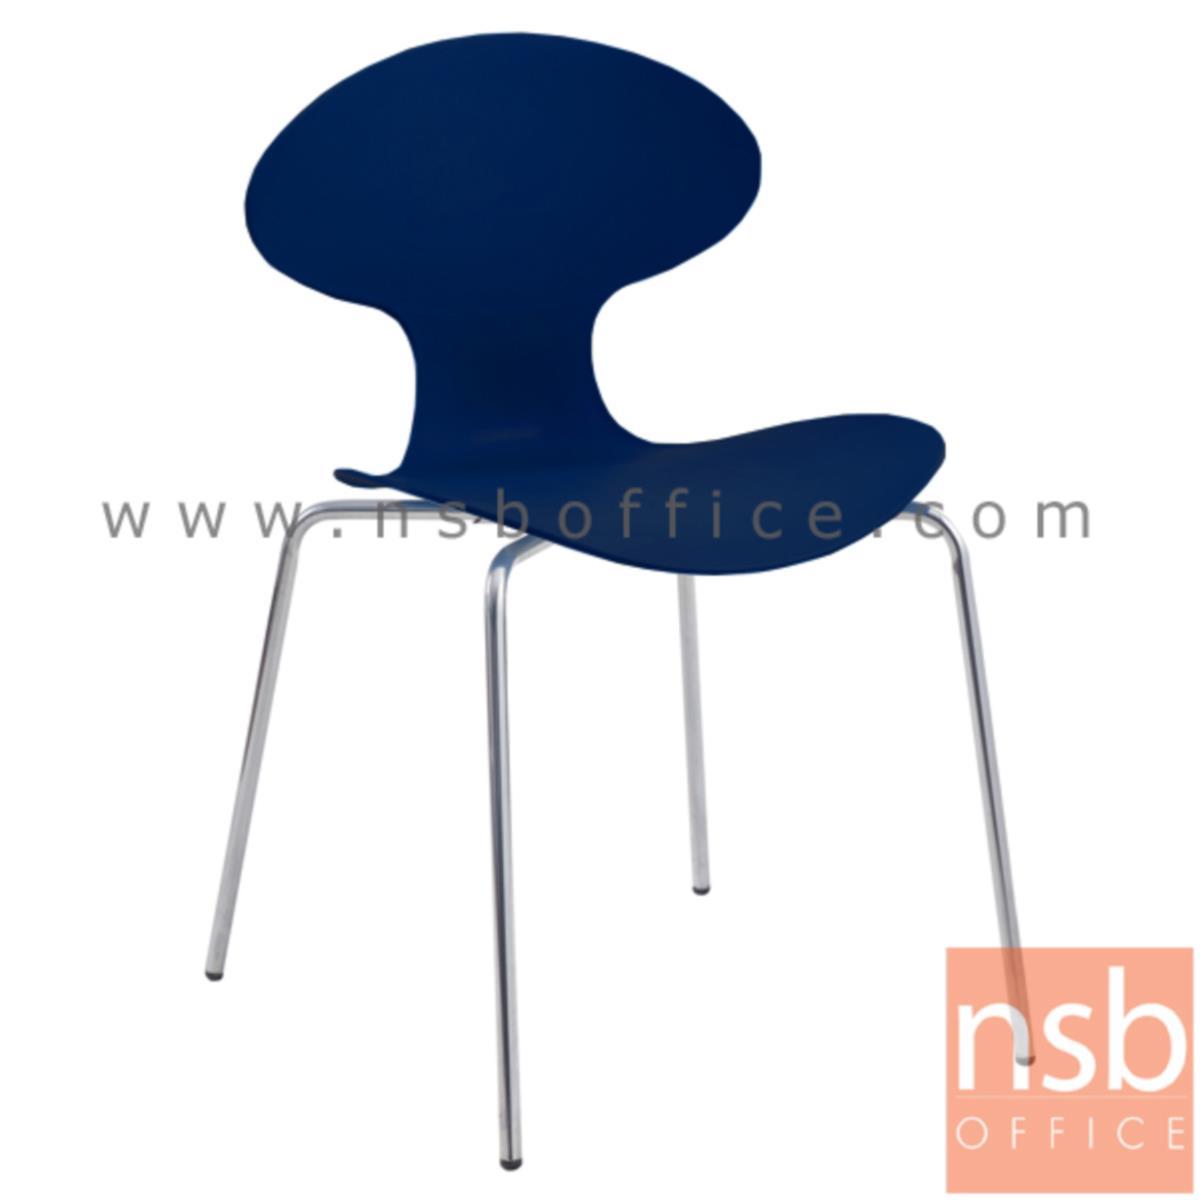 B05A127:เก้าอี้อเนกประสงค์เฟรมโพลี่ รุ่น SR-DDP-45  ขาเหล็กชุบโครเมี่ยม